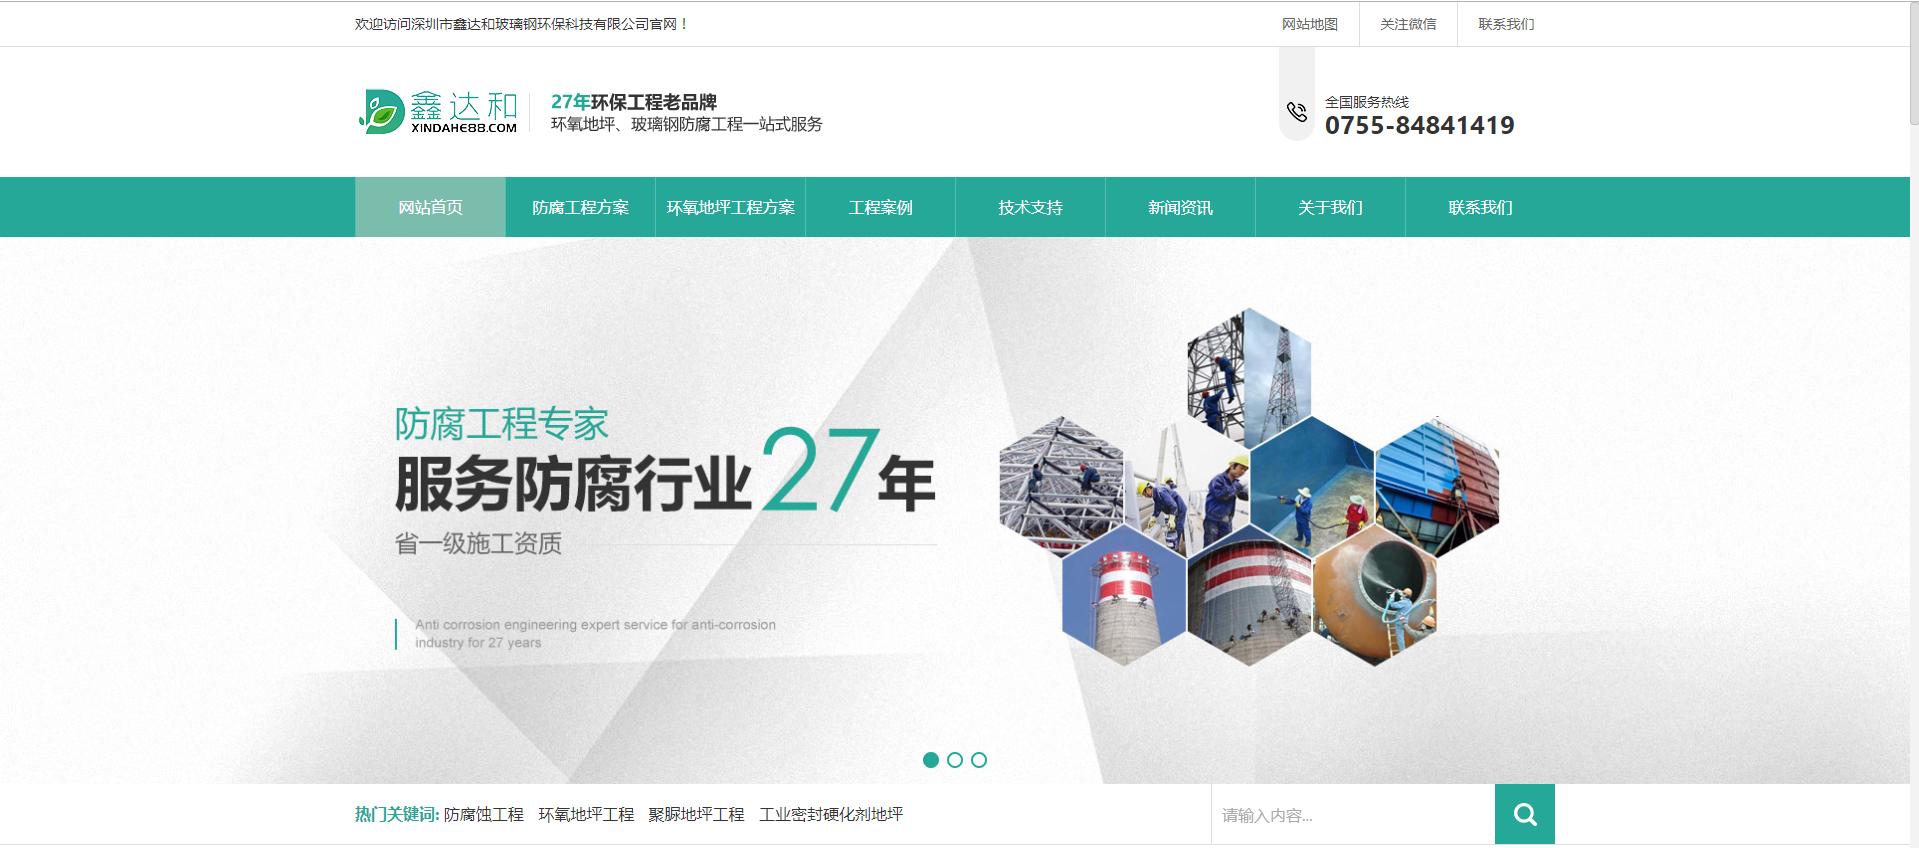 张家港环保工程网站建设案例